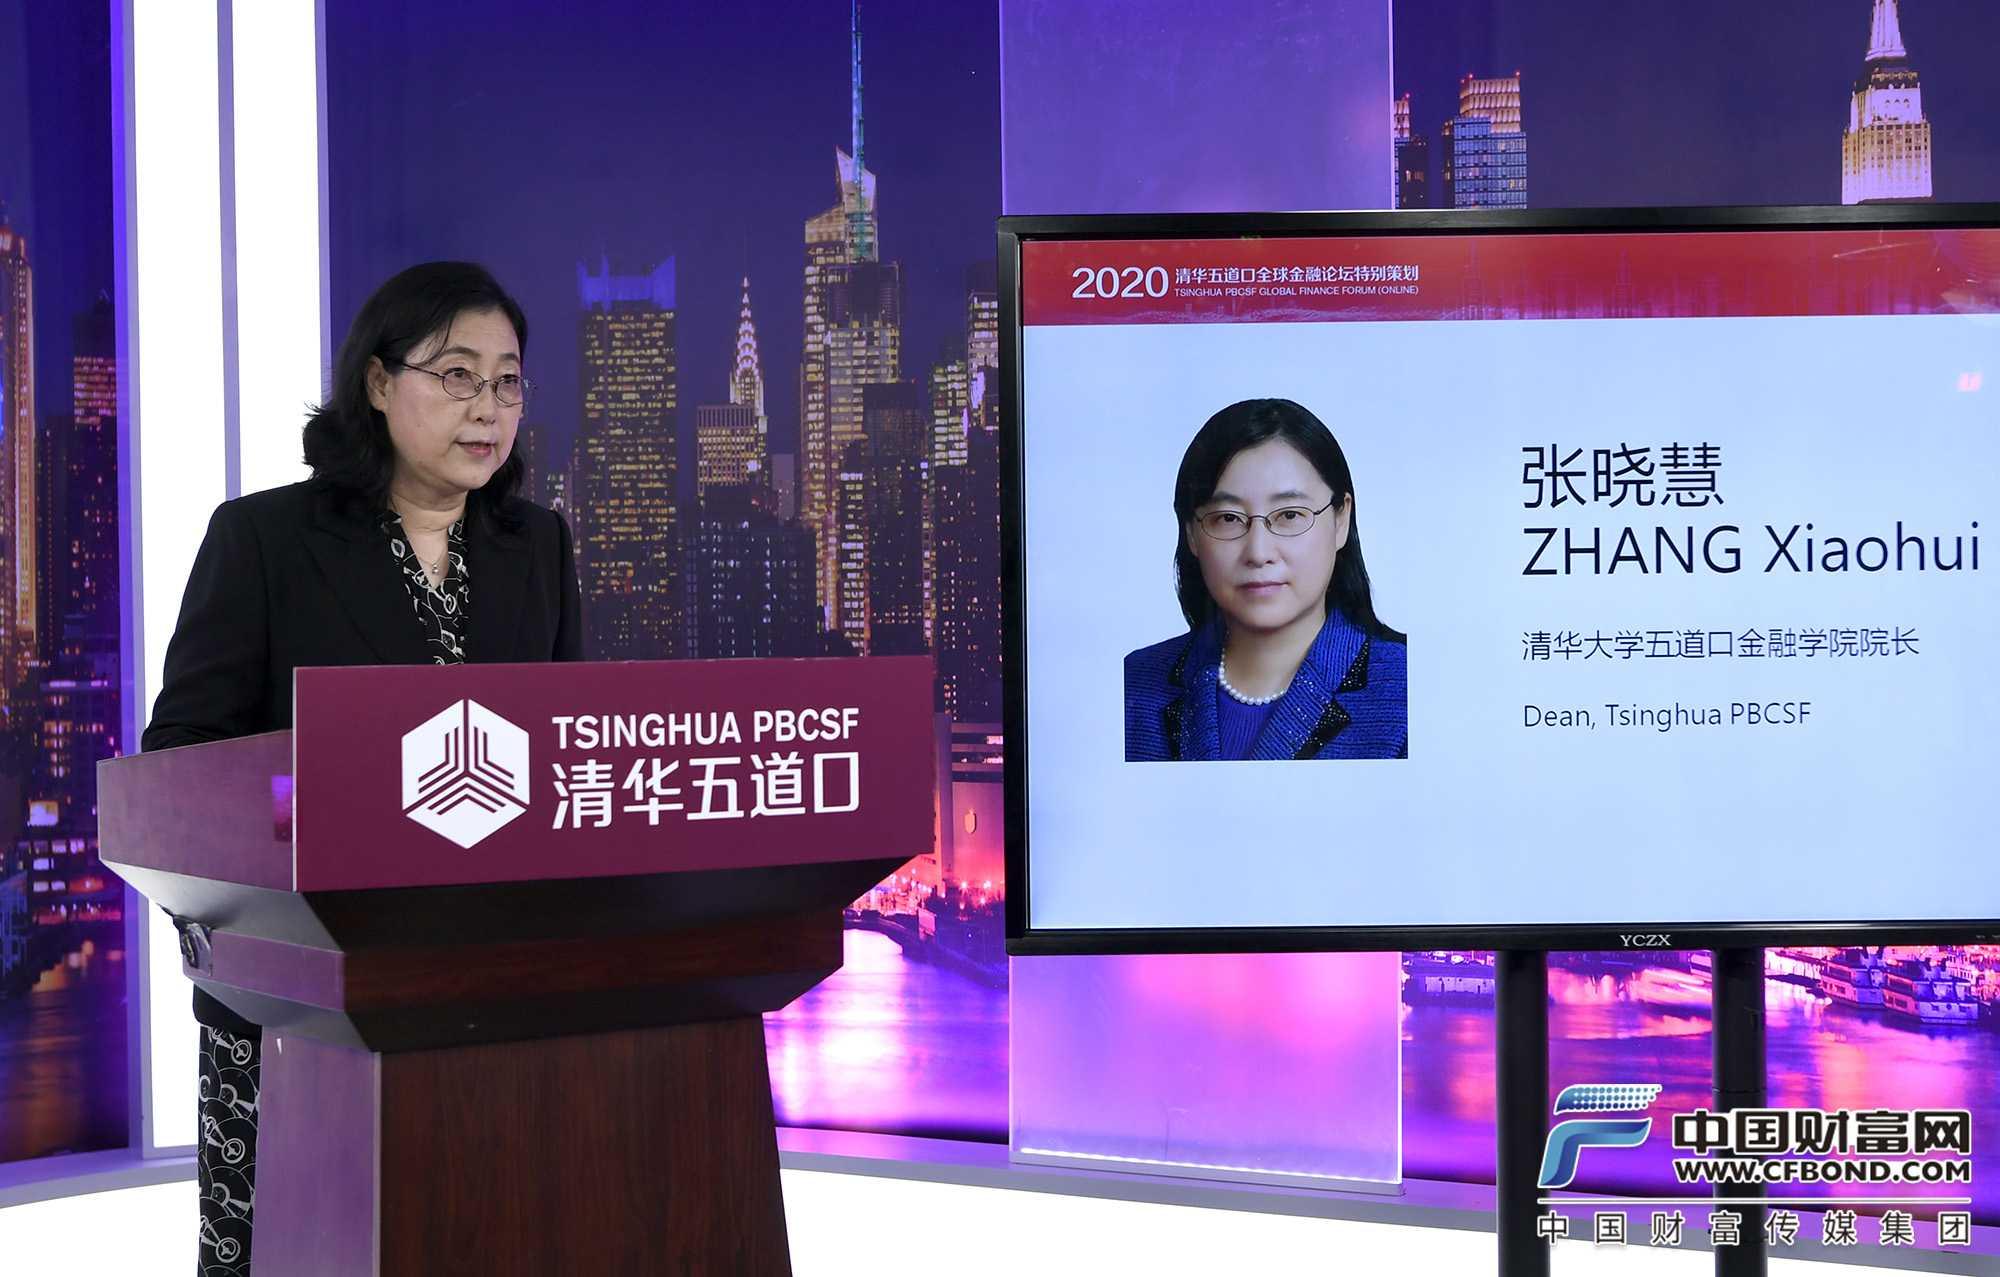 张晓慧:中国金融要持续历练抗风险能力 突出服务实体经济能力